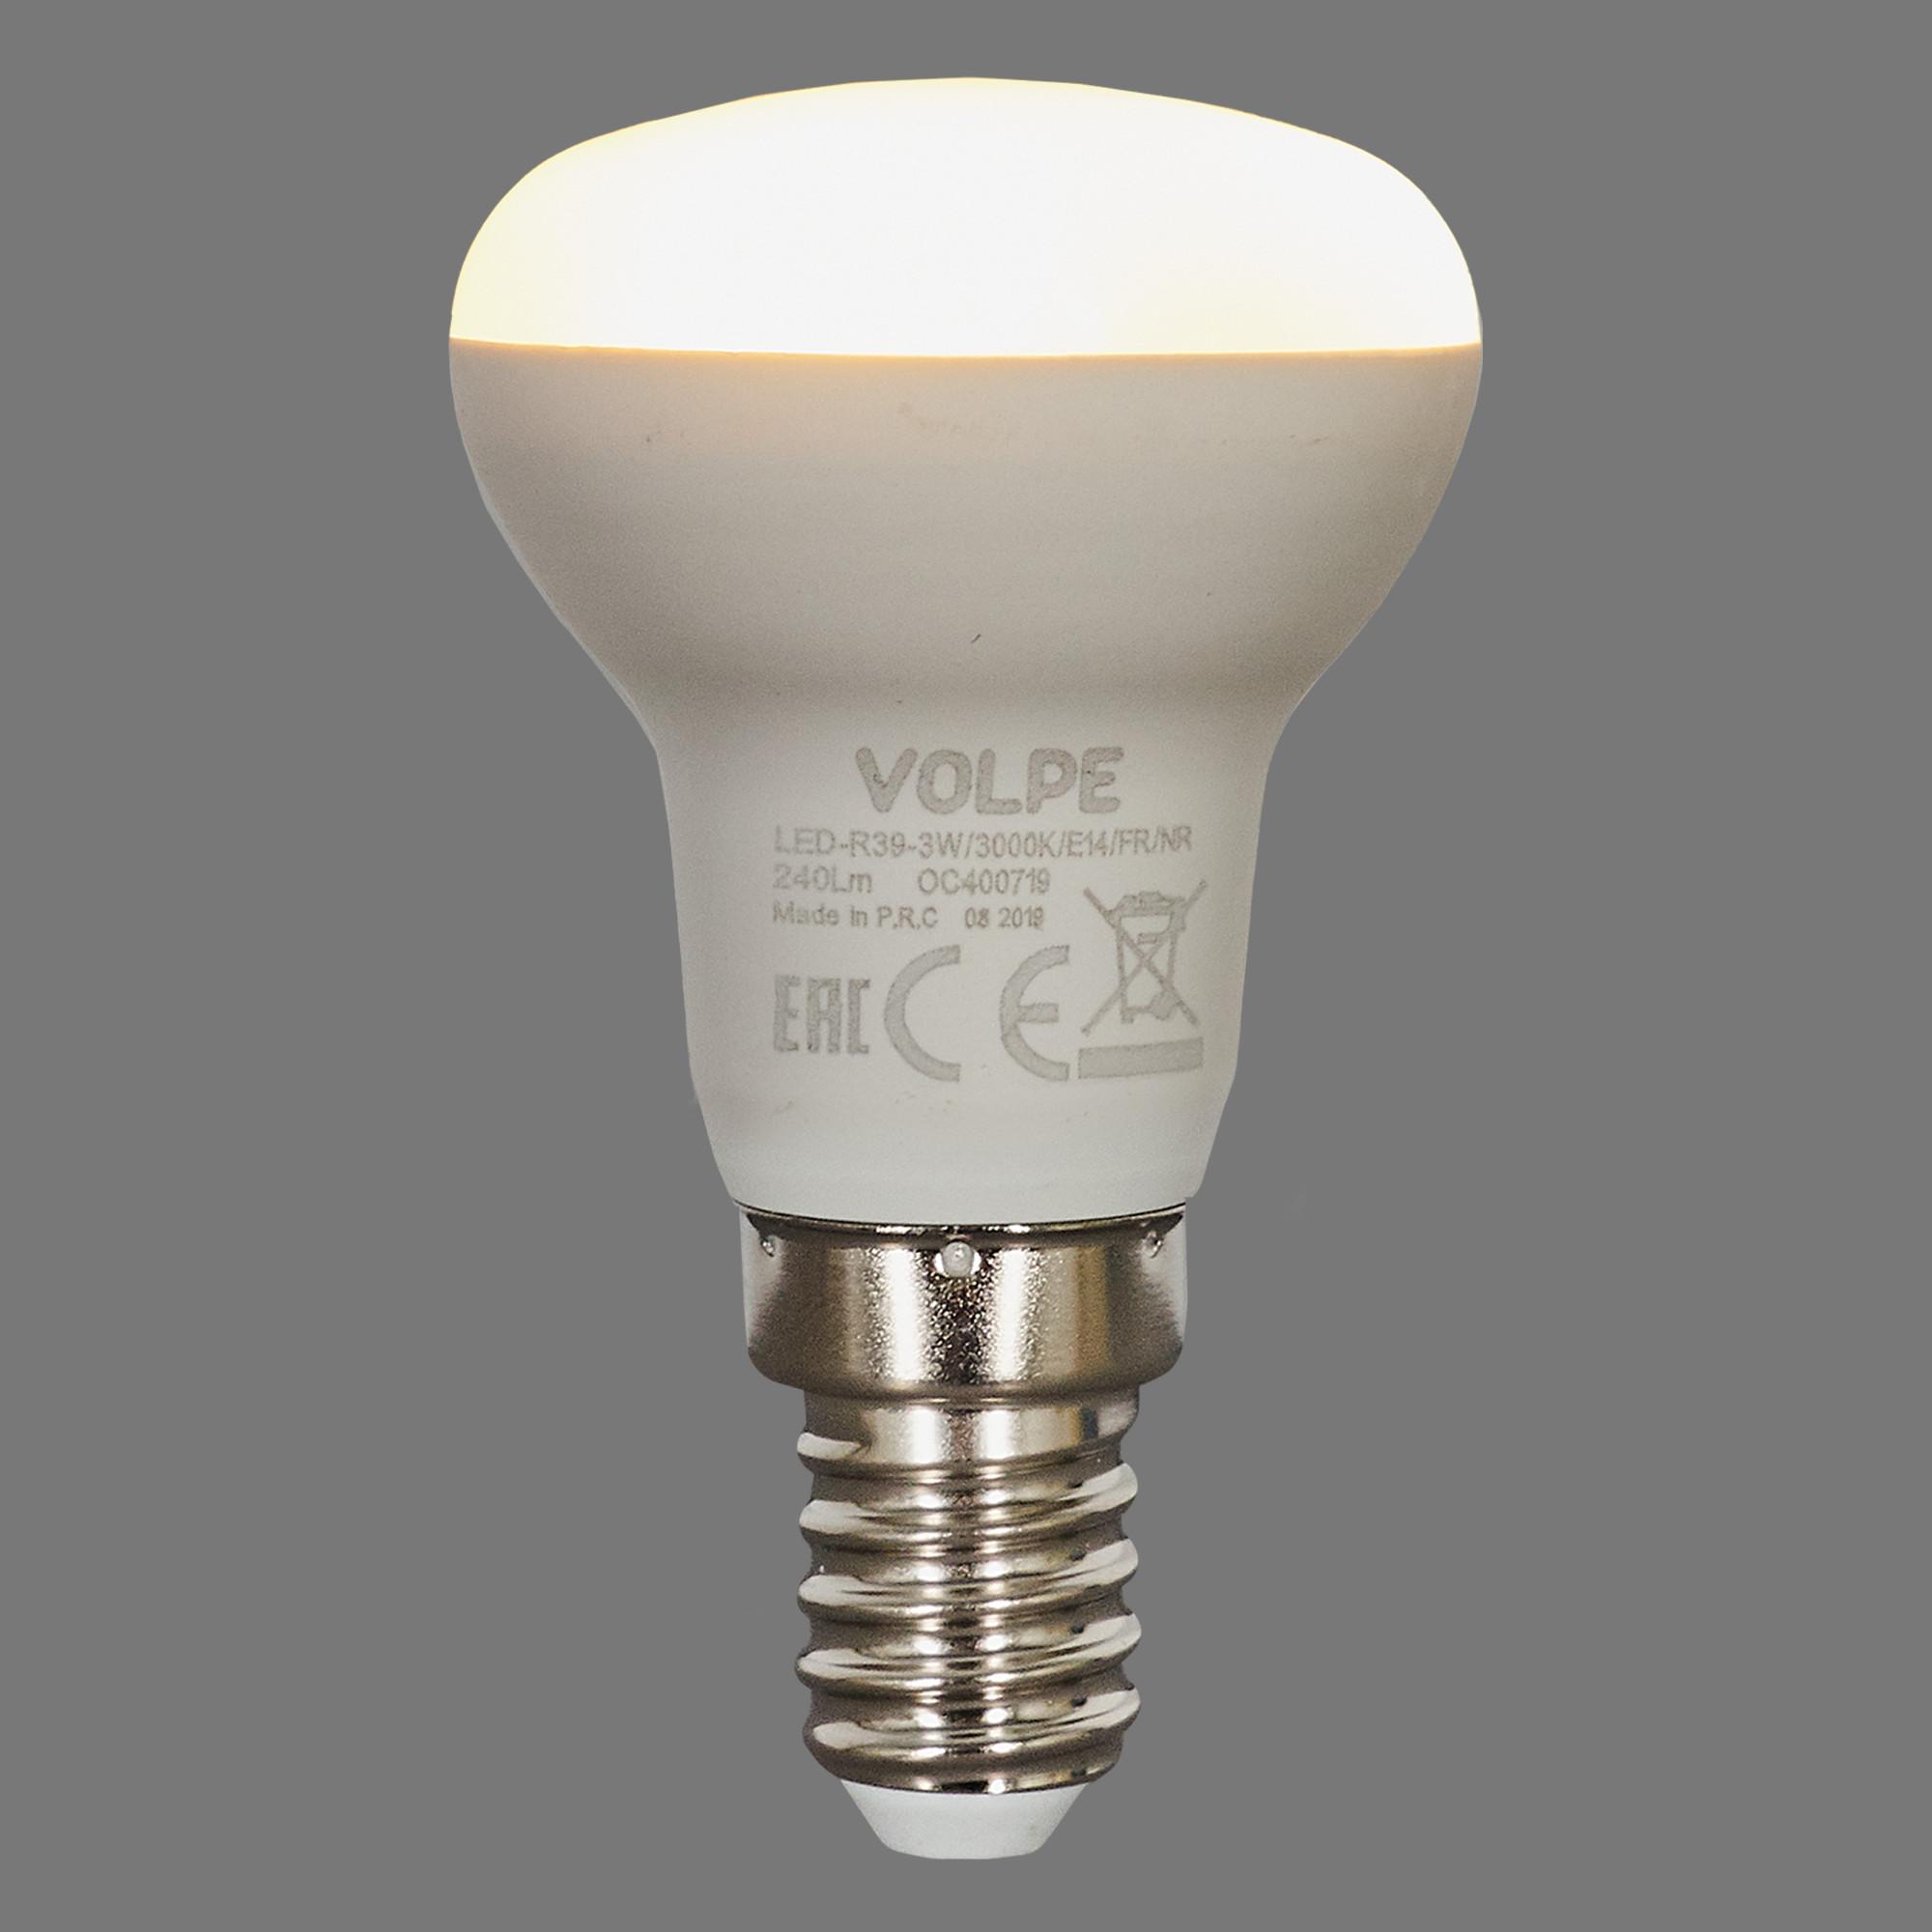 Лампа светодиодная Volpe Norma E14 220 В 3 Вт зеркальная 240 лм тёплый белый свет